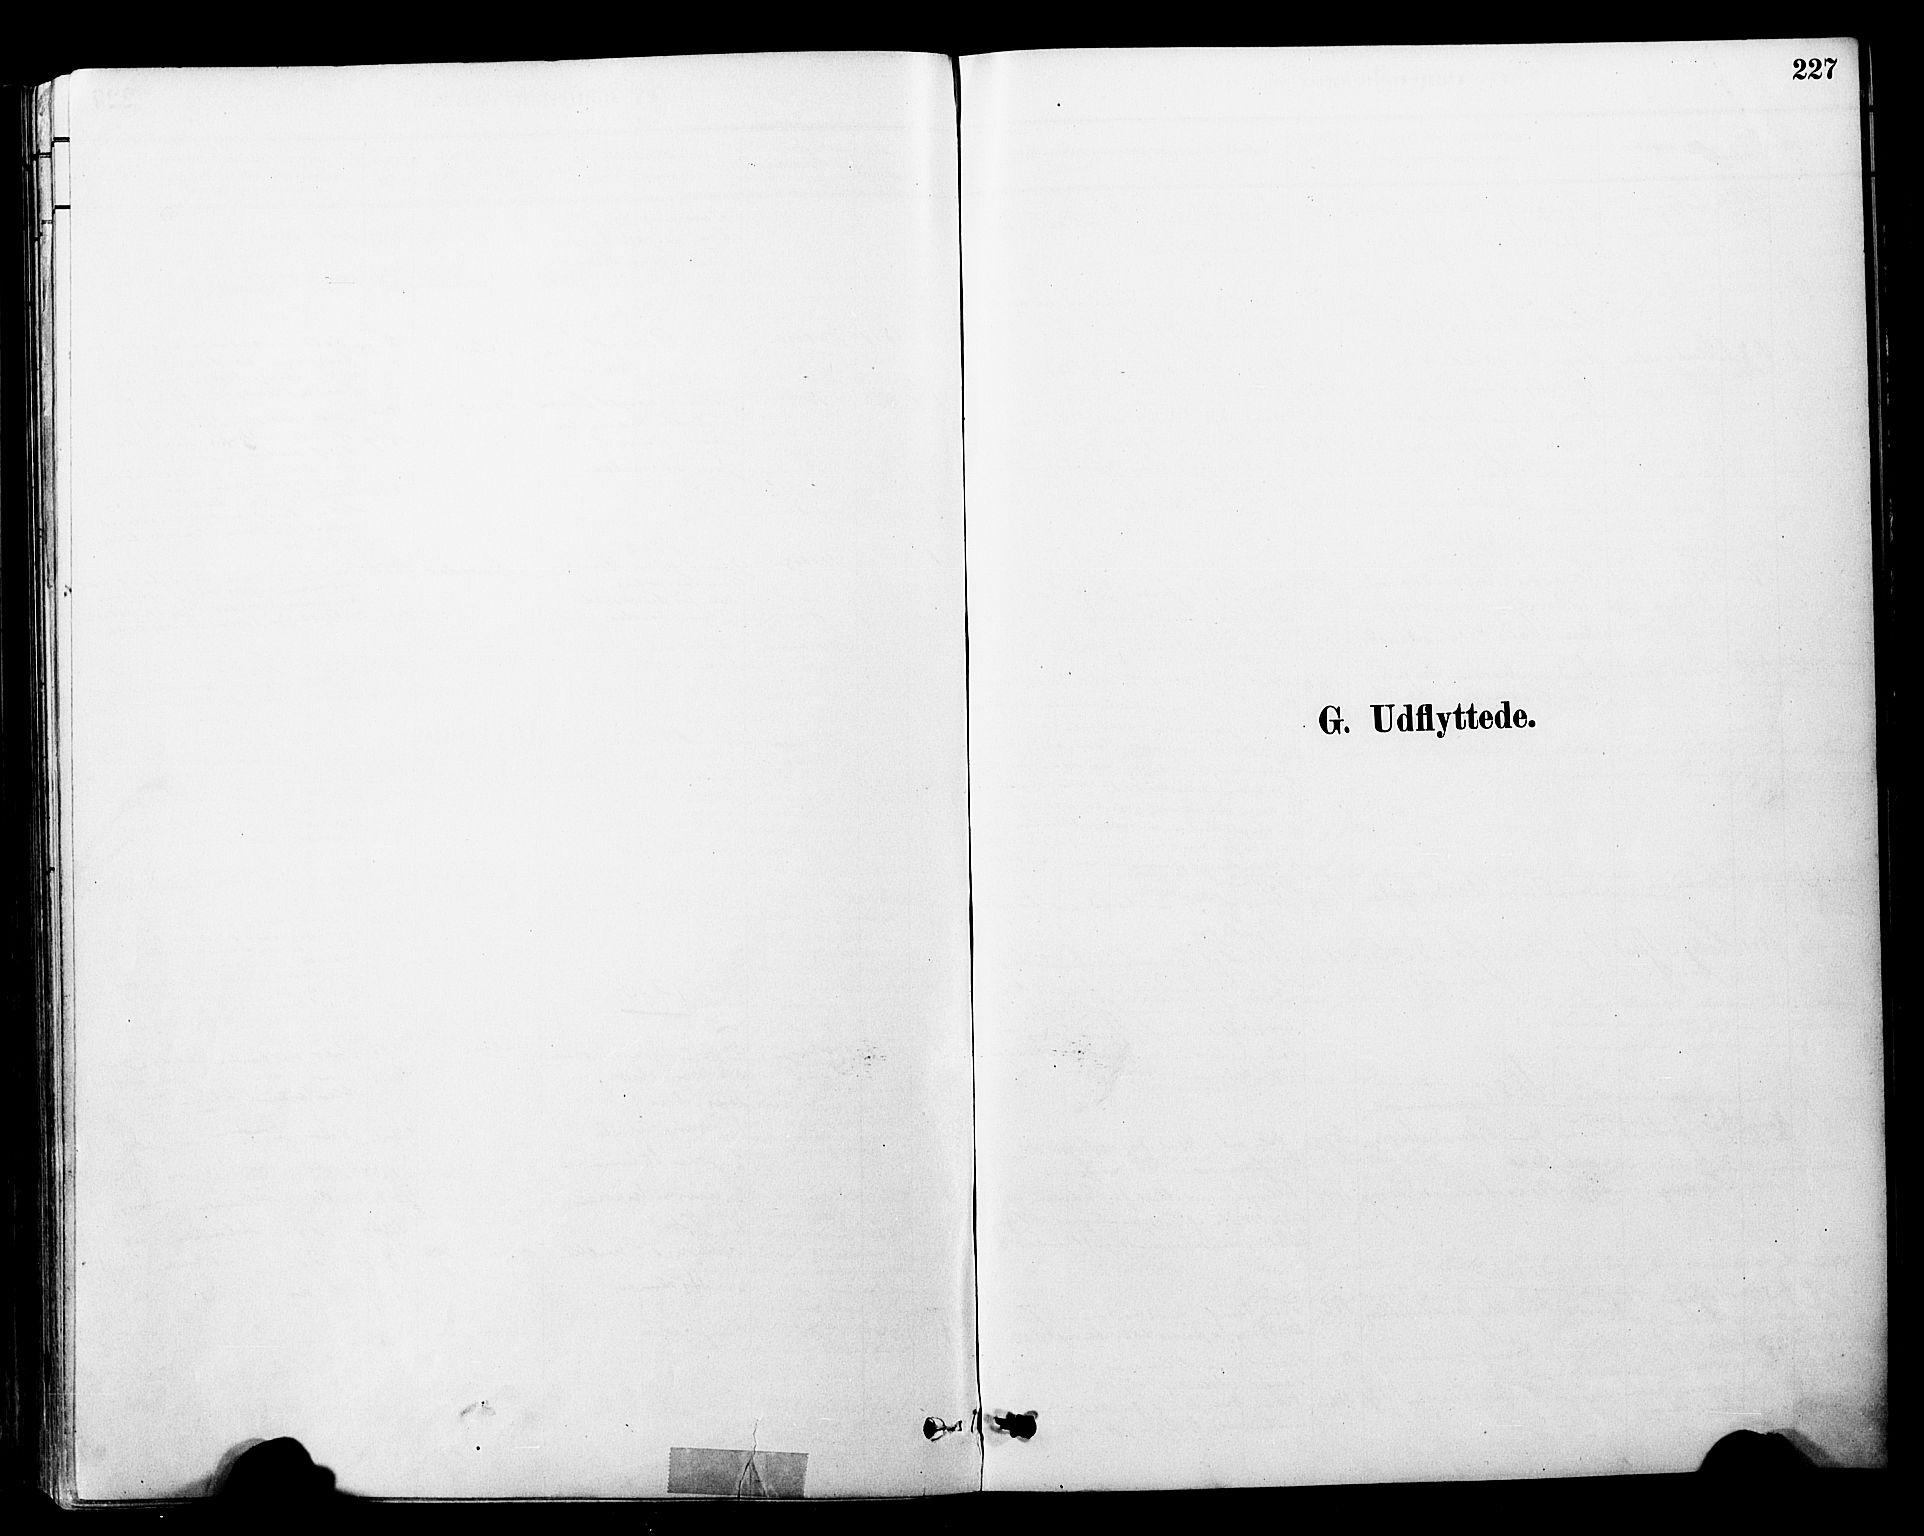 SAT, Ministerialprotokoller, klokkerbøker og fødselsregistre - Nord-Trøndelag, 757/L0505: Ministerialbok nr. 757A01, 1882-1904, s. 227